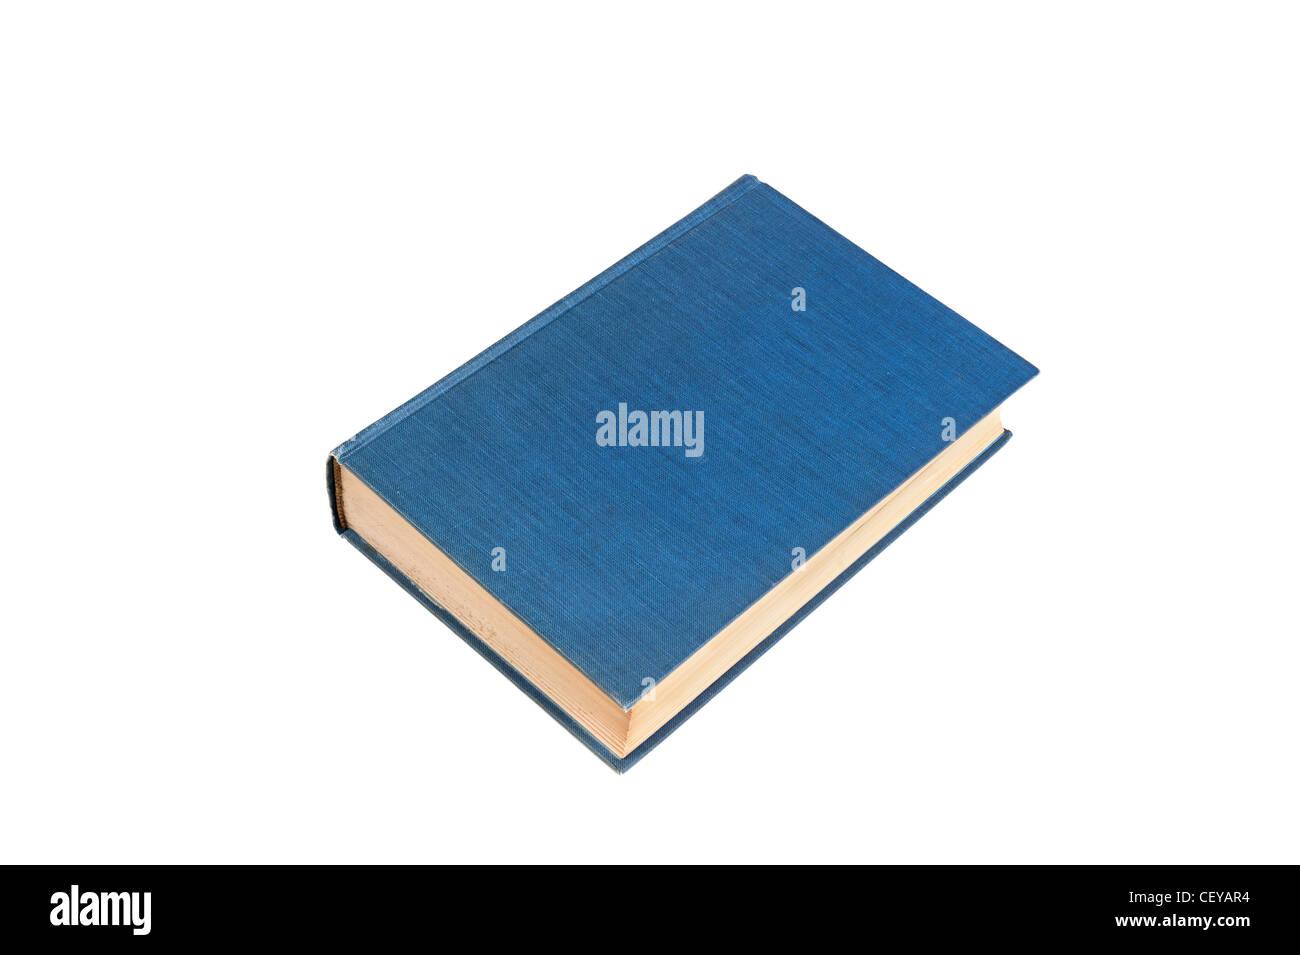 Un vecchio, invecchiato blue libro rilegato isolato su bianco. I progettisti possono posizionare copia sul coperchio Immagini Stock